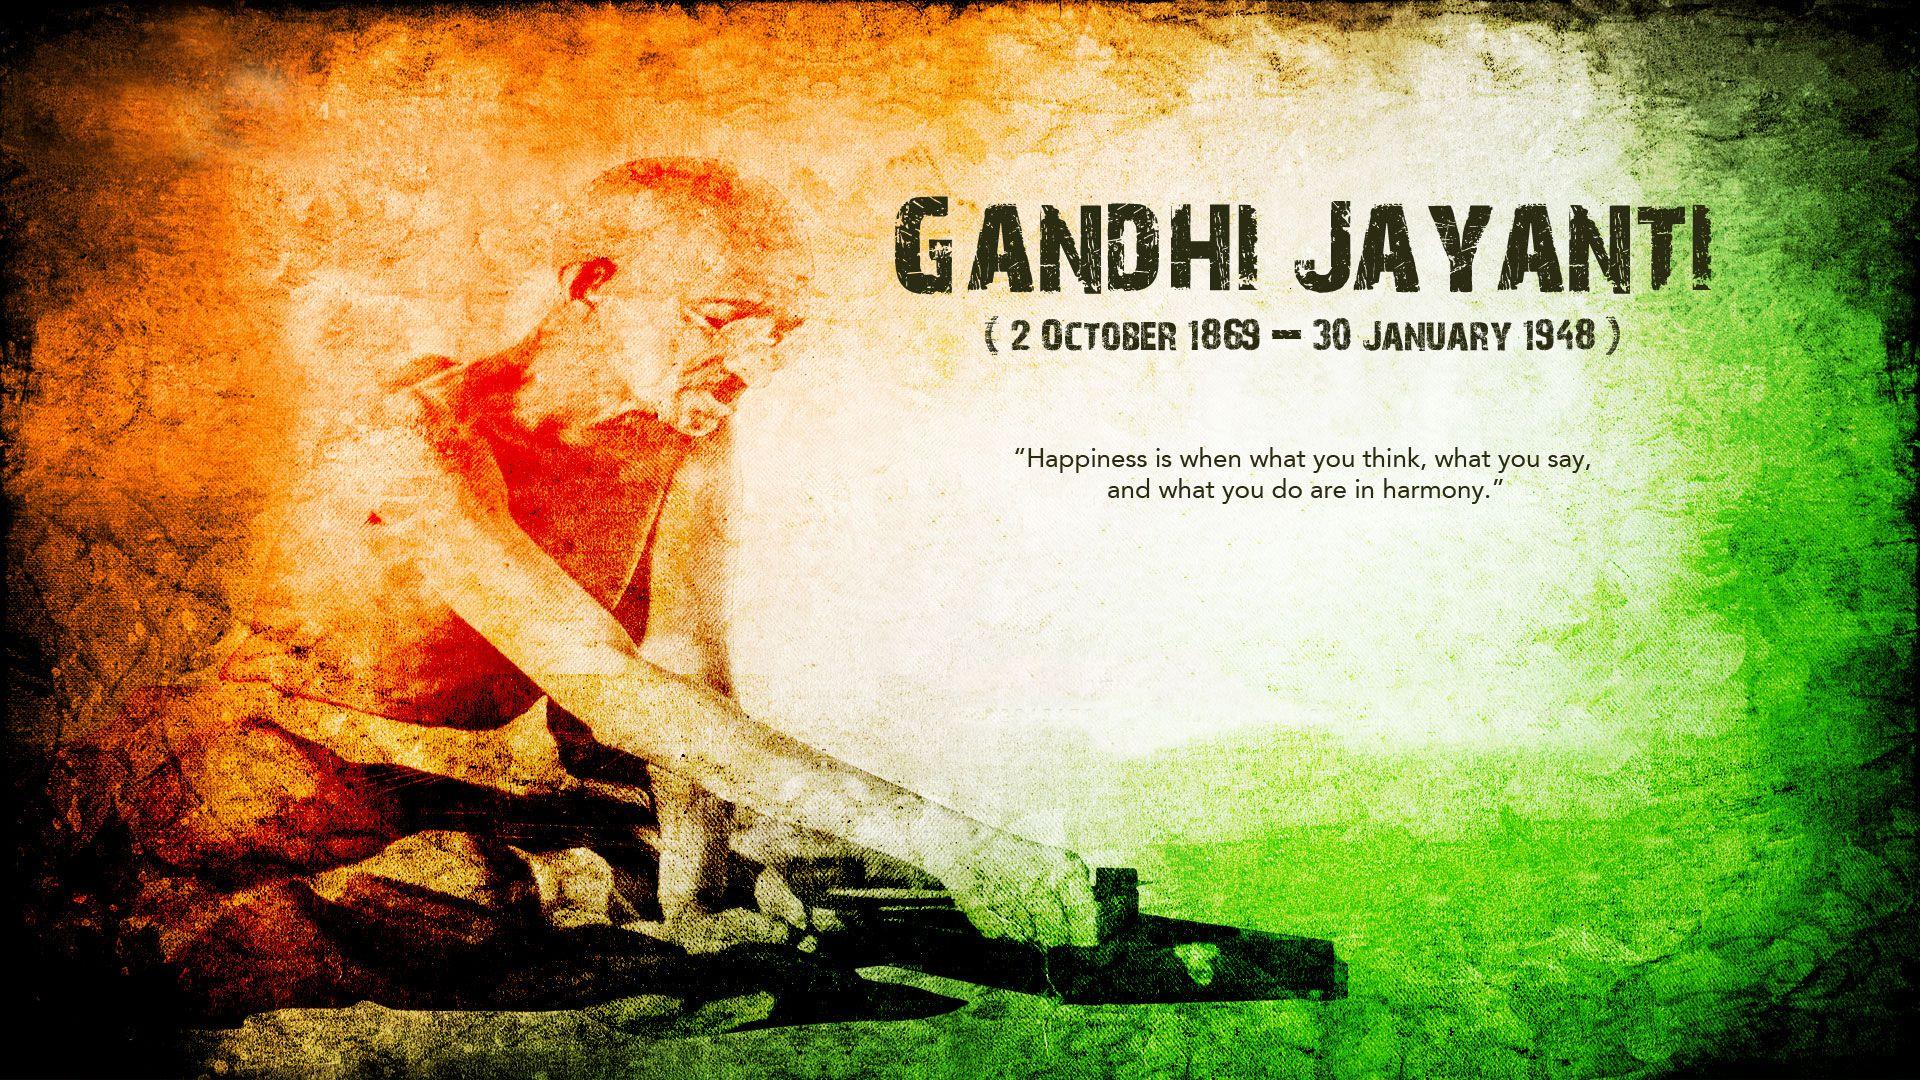 gandhi jayanti hd wallpaper